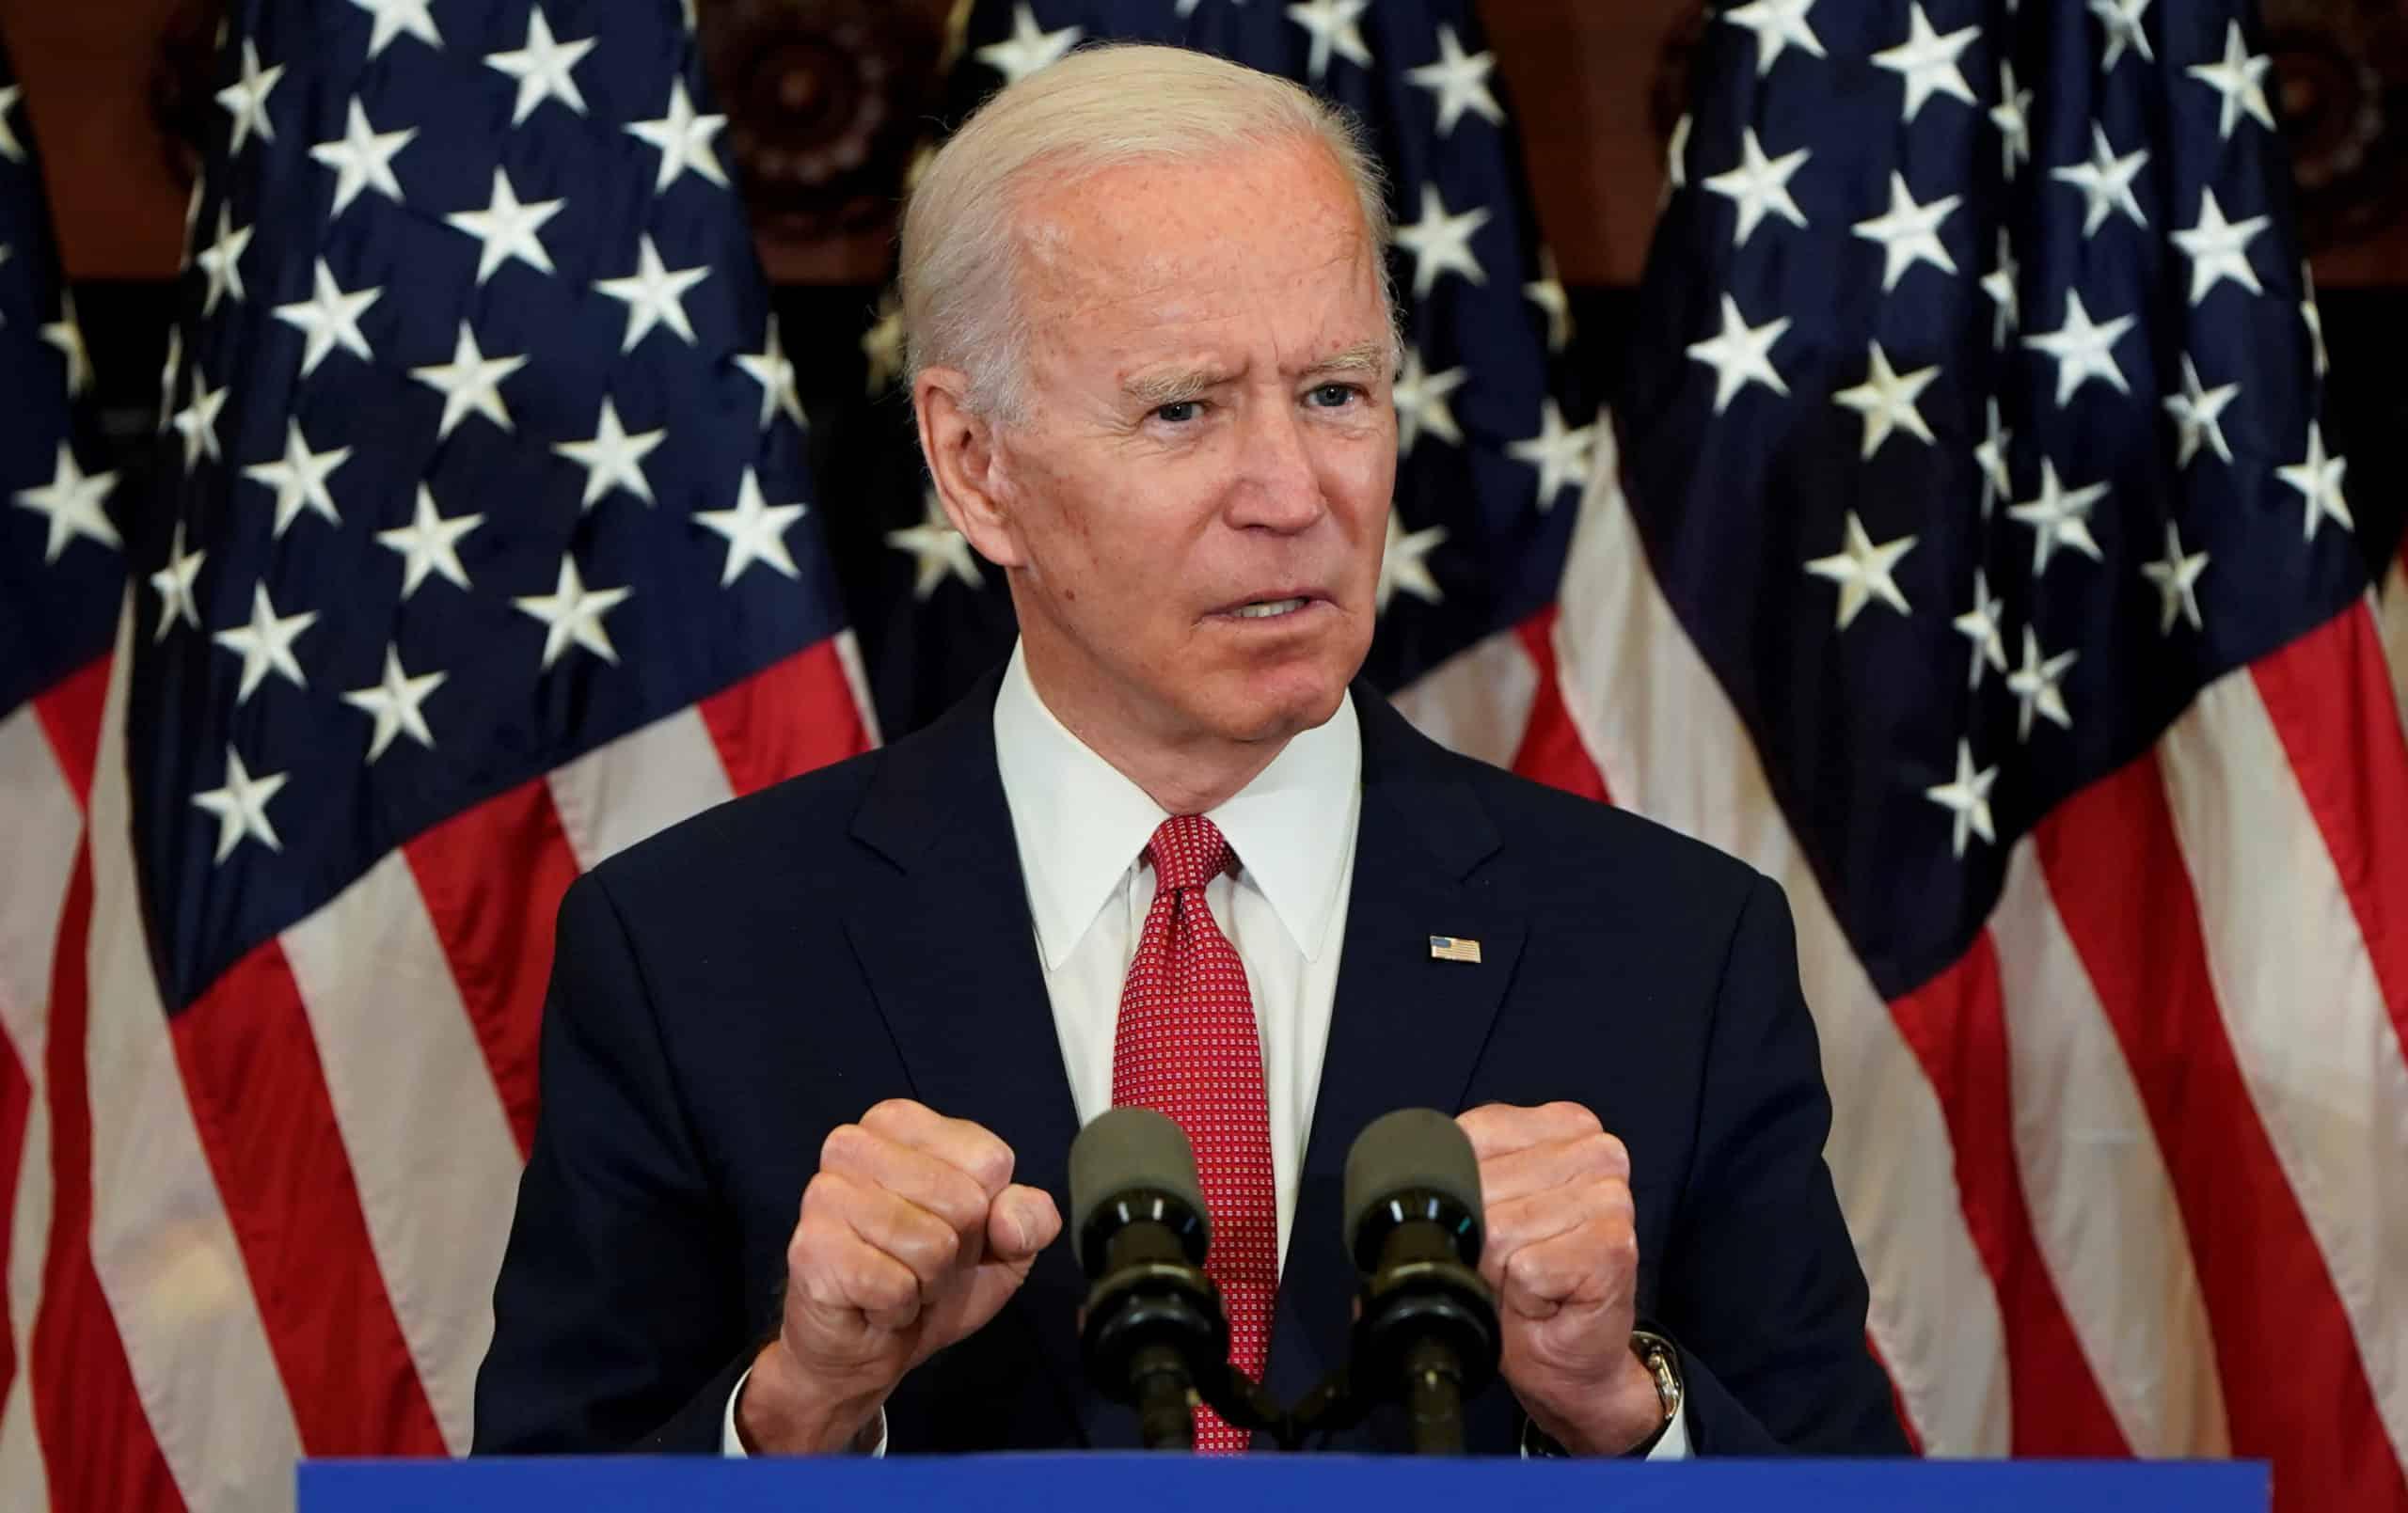 Joe Biden no cede ante la presión y seguirá reconociendo Jerusalén como capital de Israel